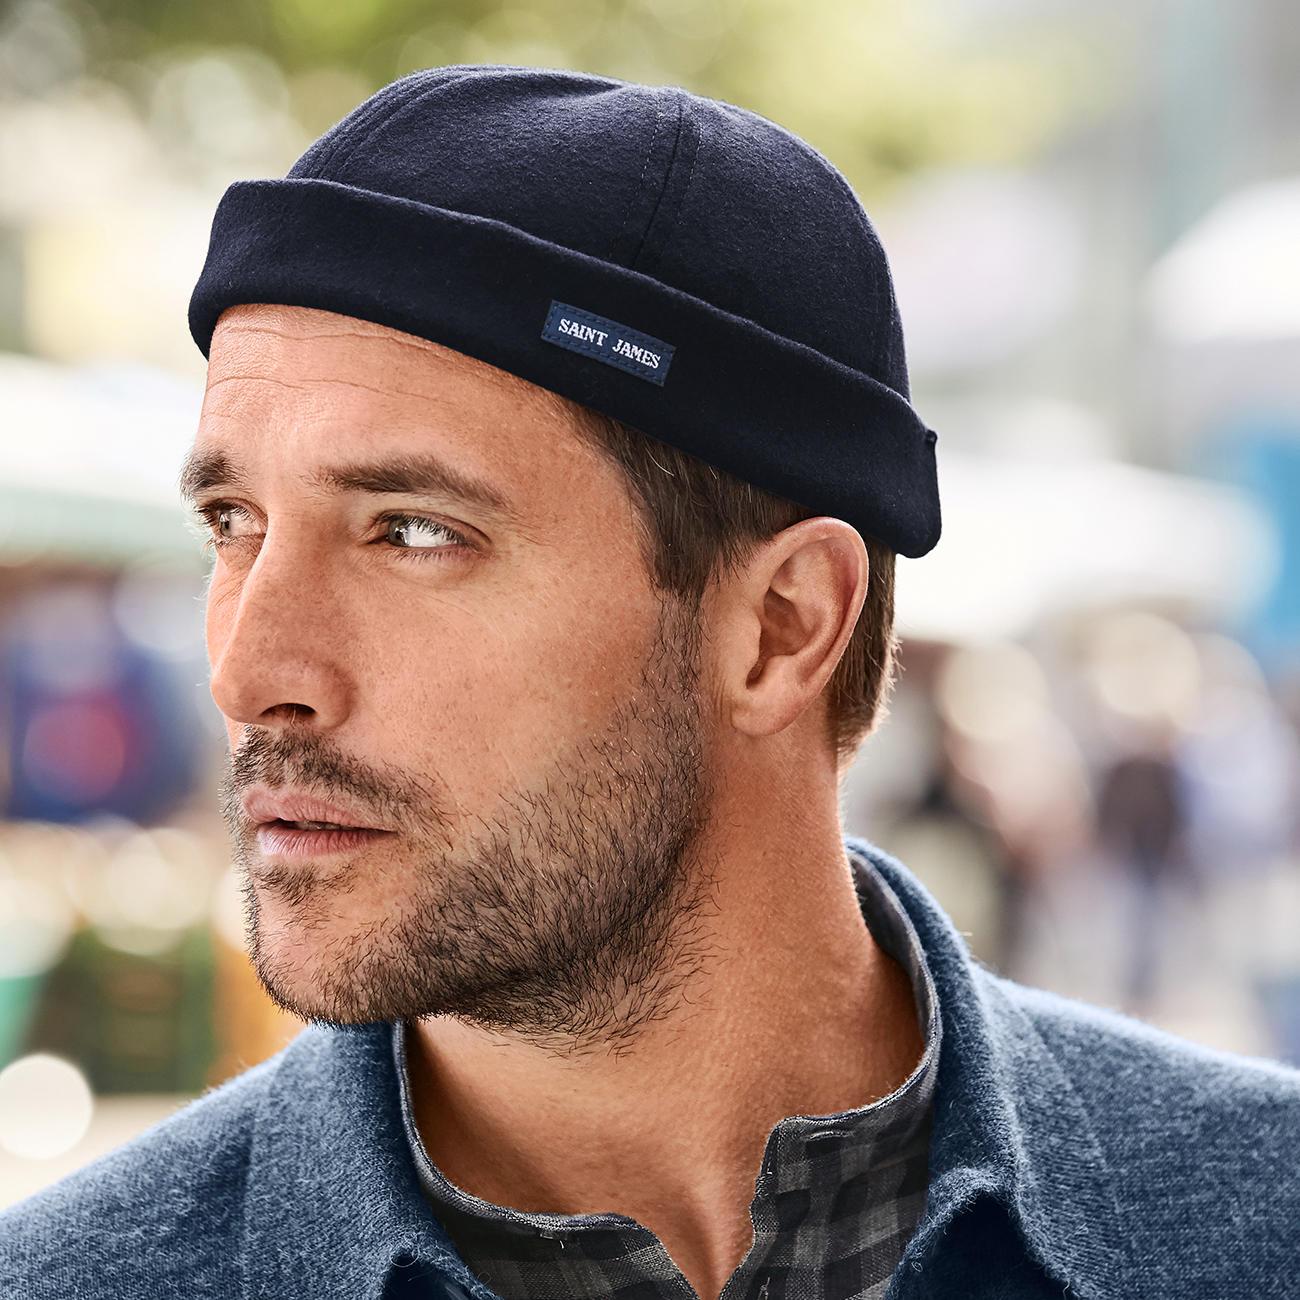 27ce3fd544 ... Saint James - En vogue : le bonnet de docker. Modèle original.  Complé-ment